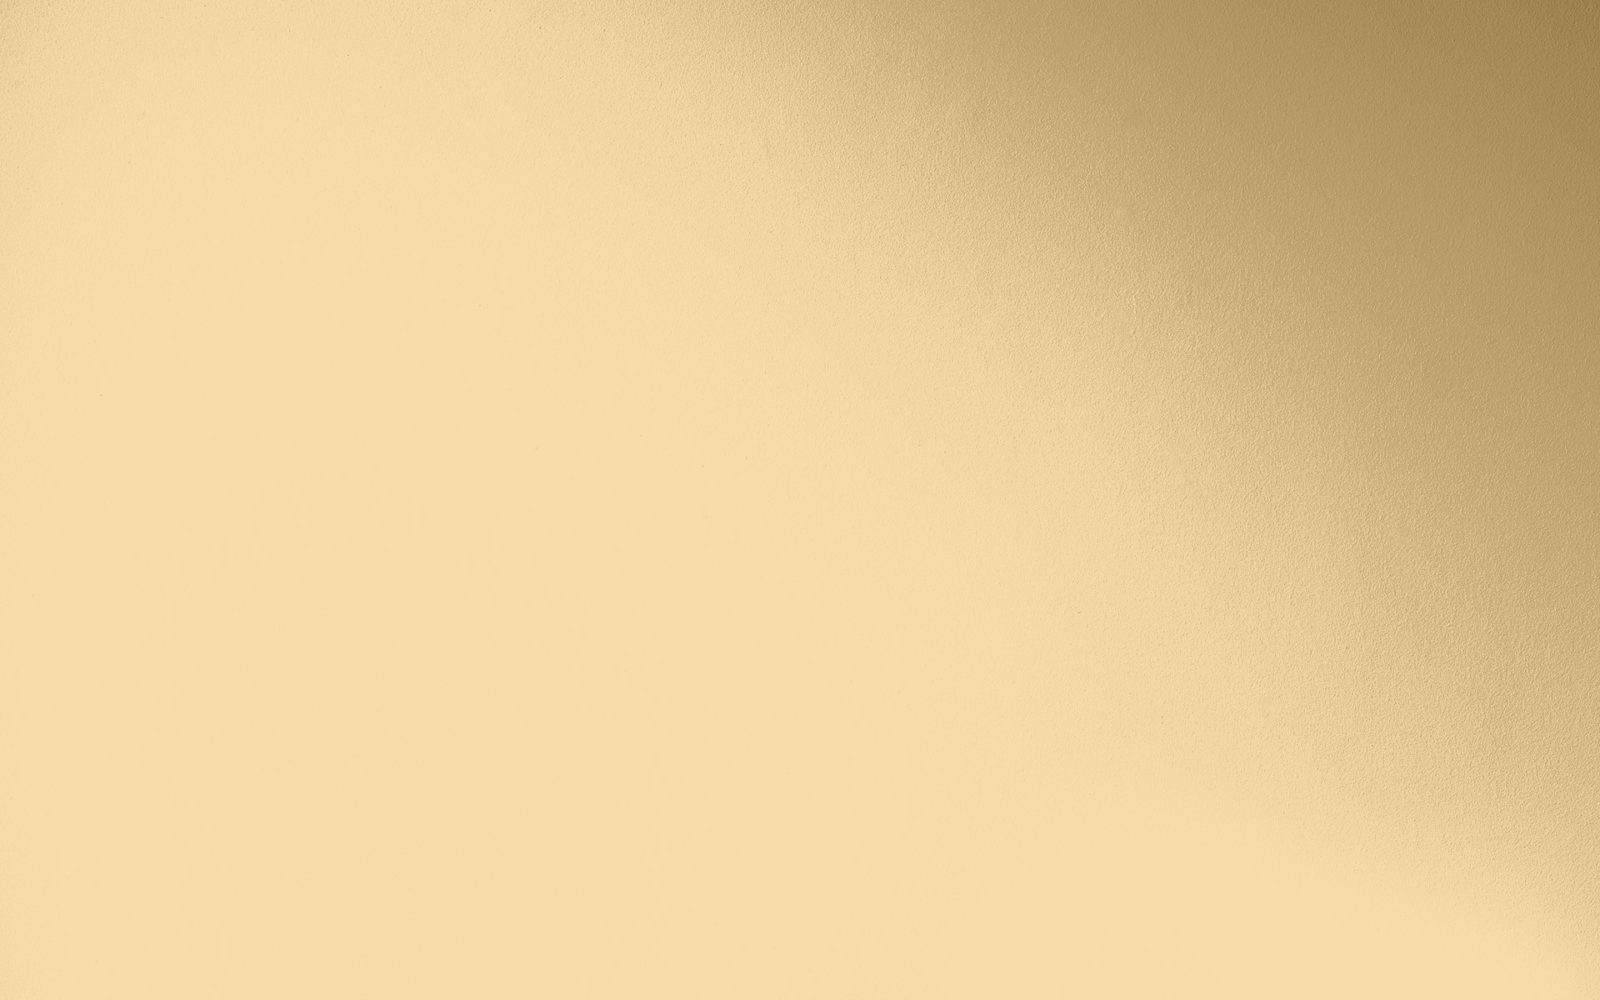 Картинки однотонный фон, Стоковые Фотографии и Роялти-Фри